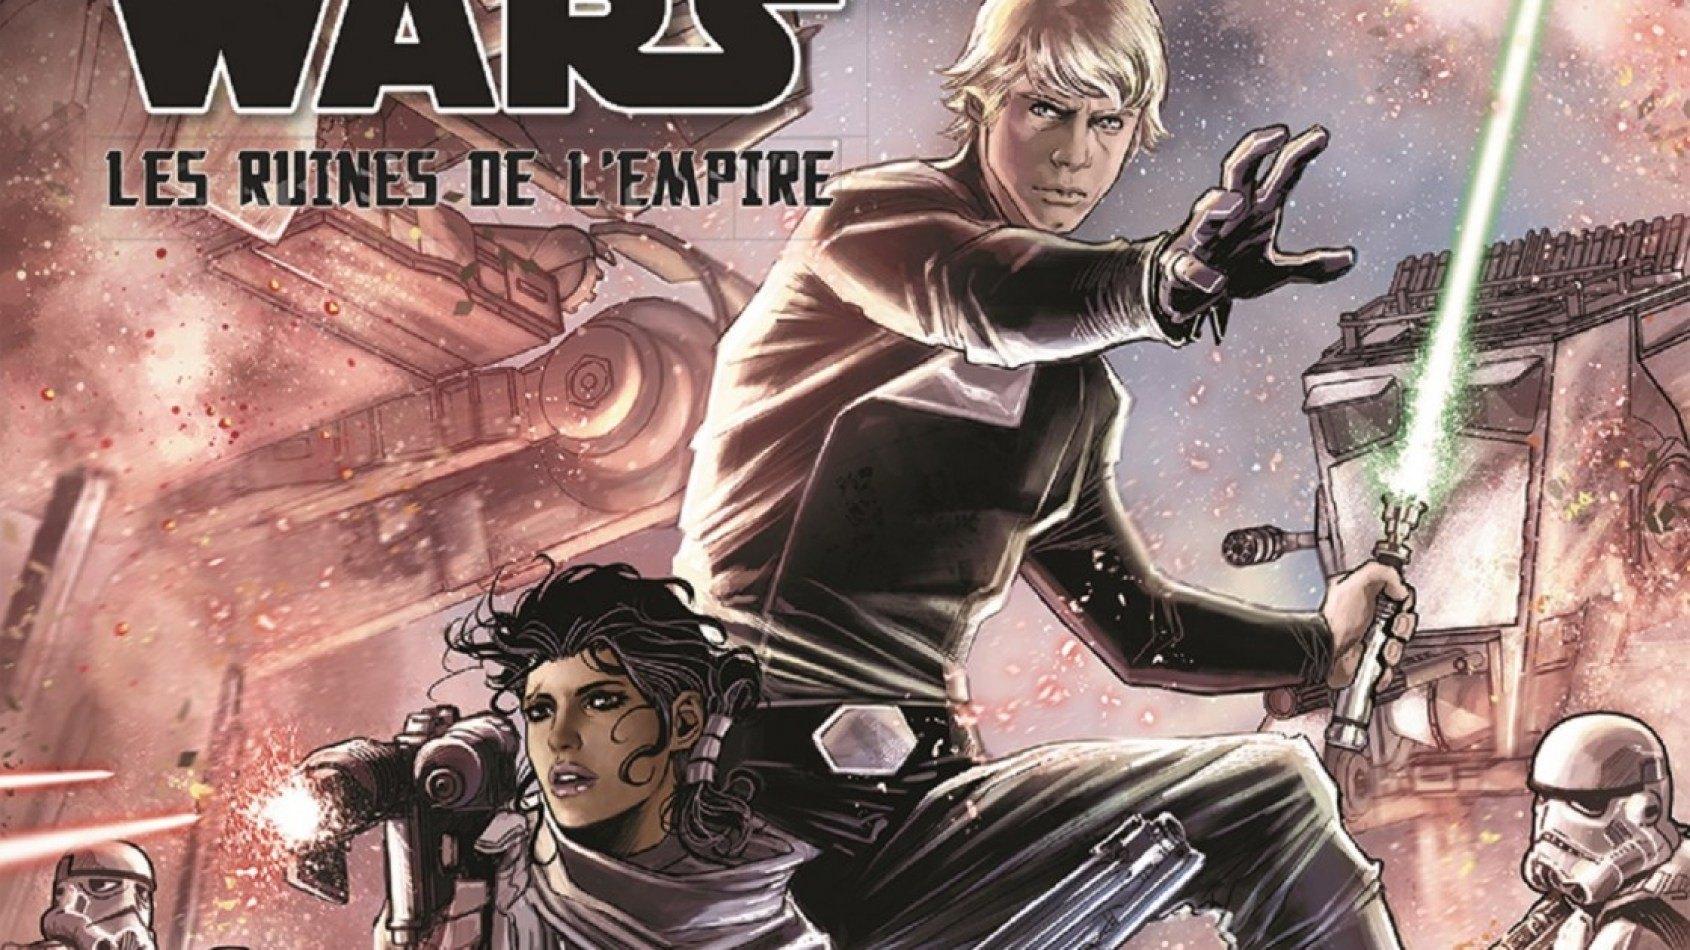 [Panini] La couverture et le synopsis de Les Ruines de l'Empire